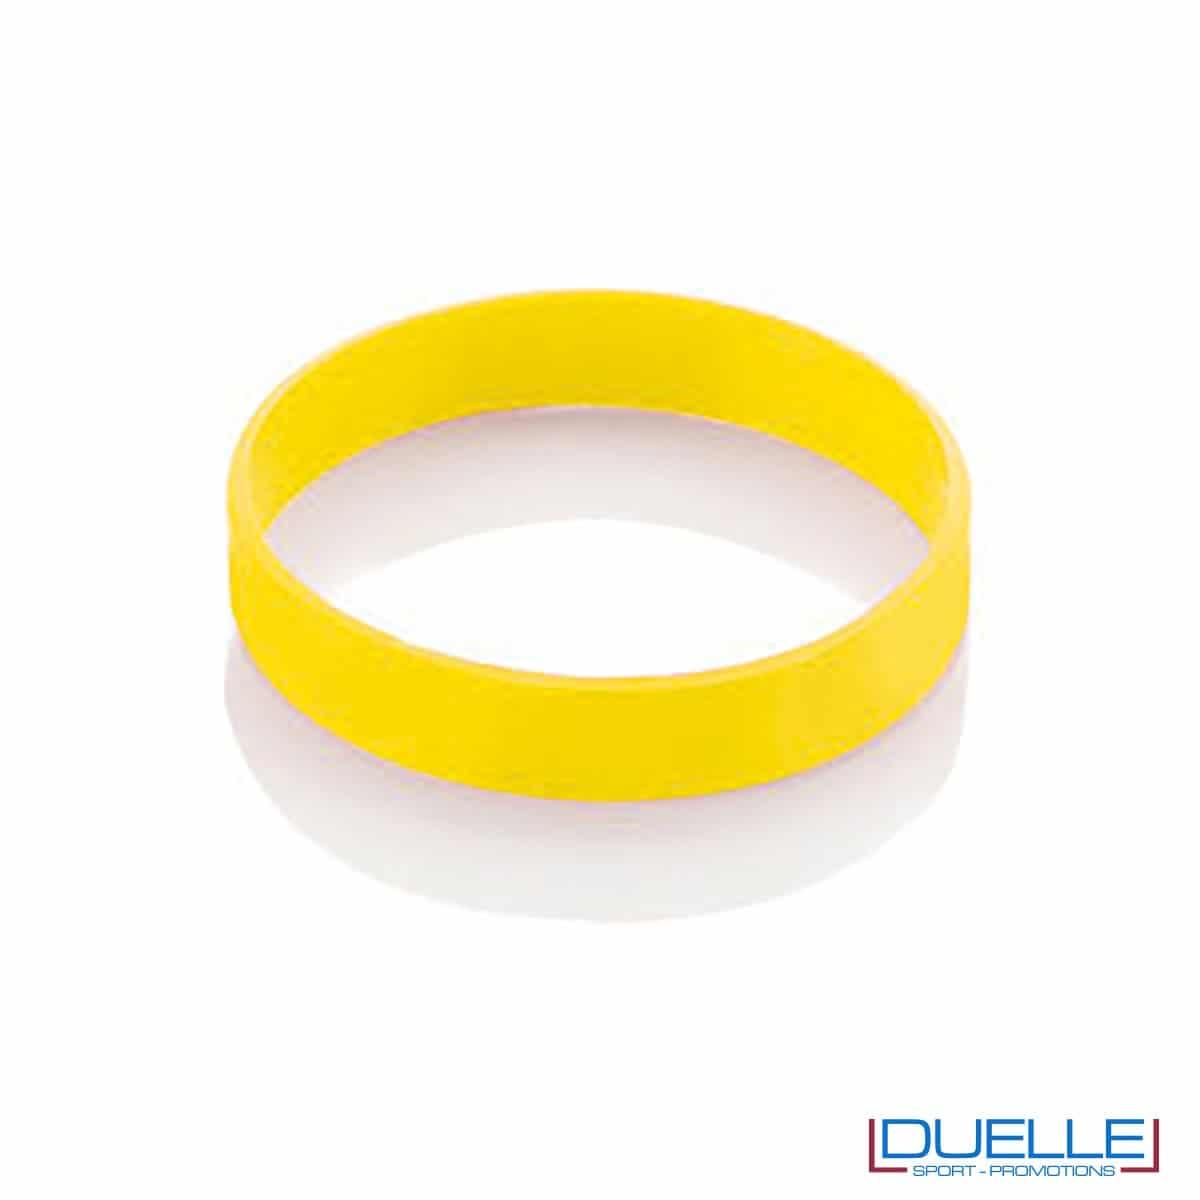 bracciale in silicone personalizzato giallo Europei 2016, gadget estate sport, gadget Europei 2016, gadget tifo